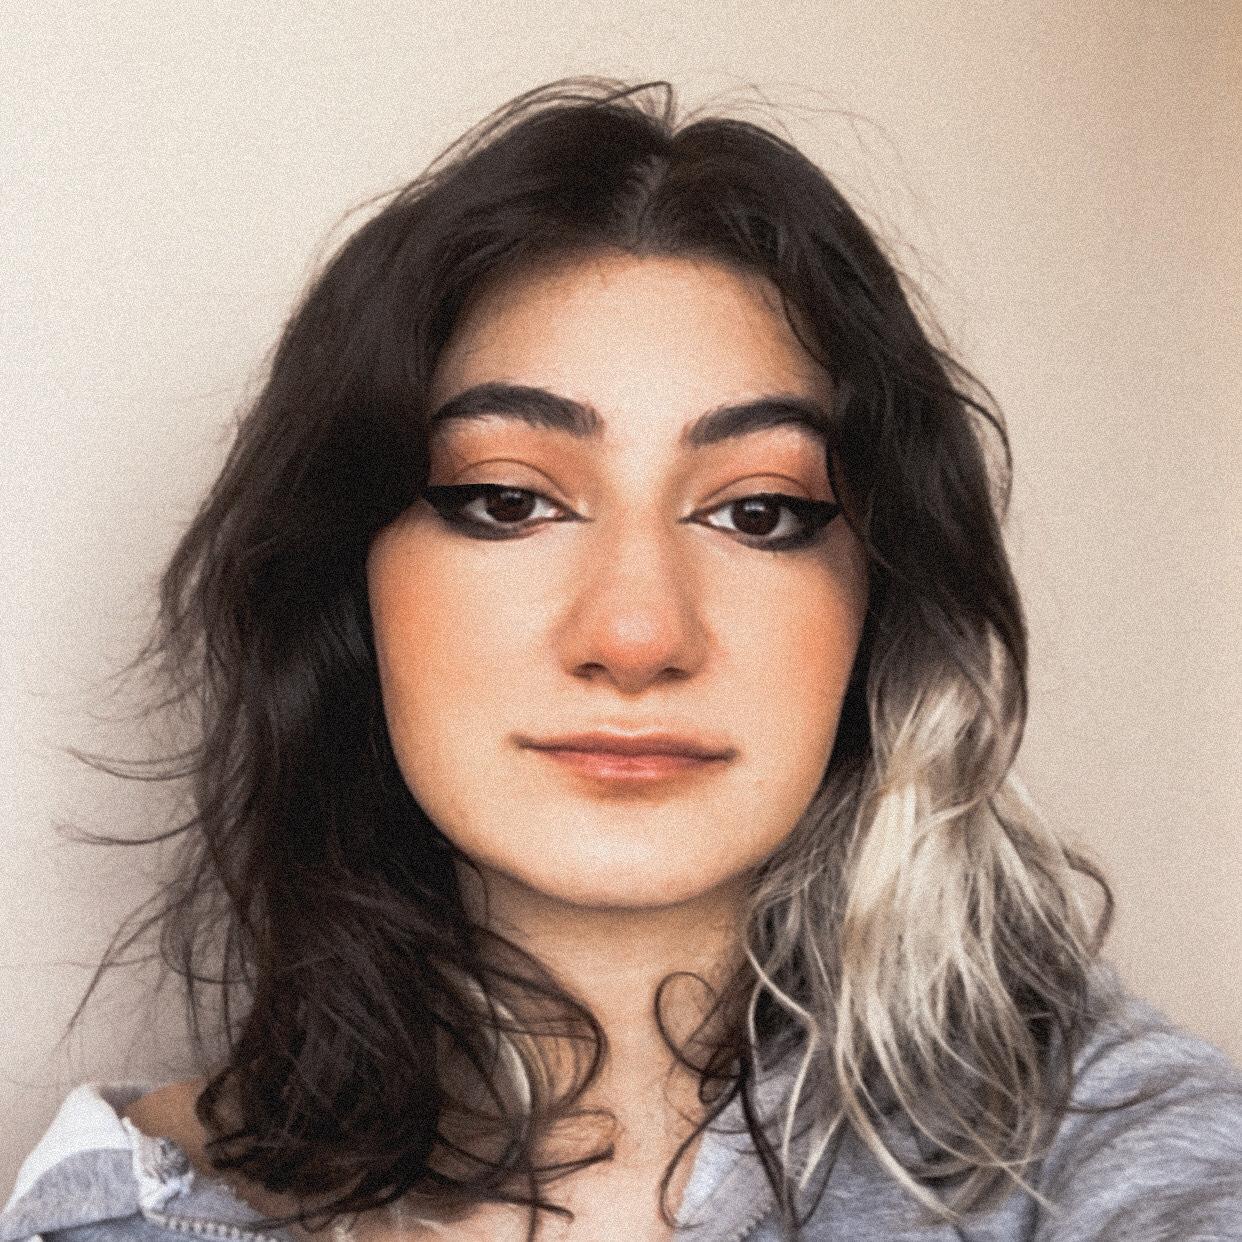 Armine Sahakyan